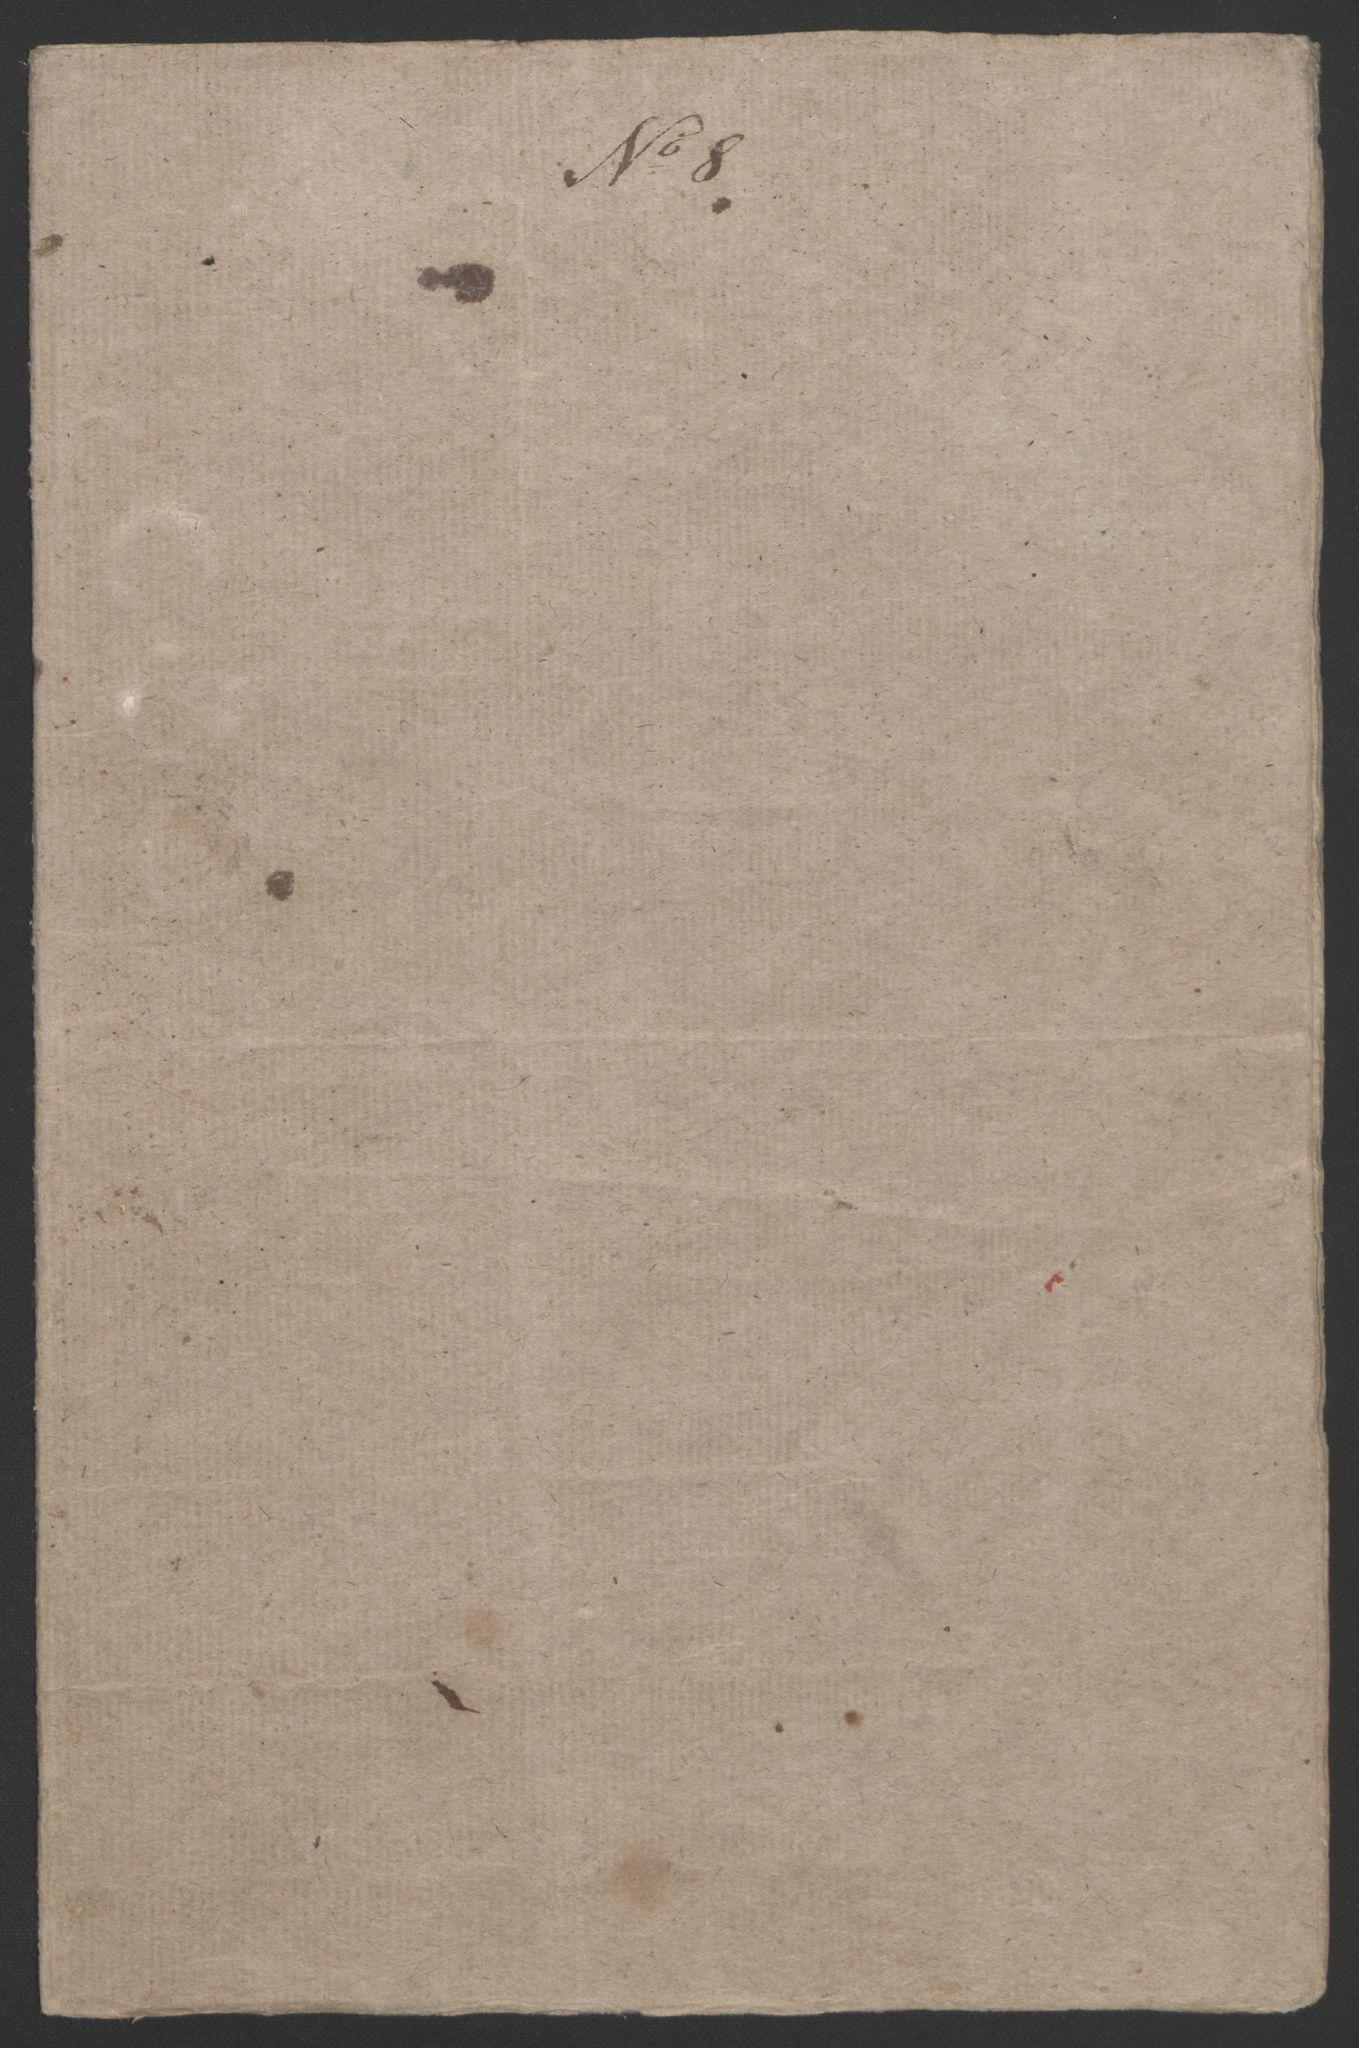 RA, Rentekammeret inntil 1814, Reviderte regnskaper, Fogderegnskap, R67/L4747: Ekstraskatten Vesterålen, Andenes og Lofoten, 1762-1766, s. 480